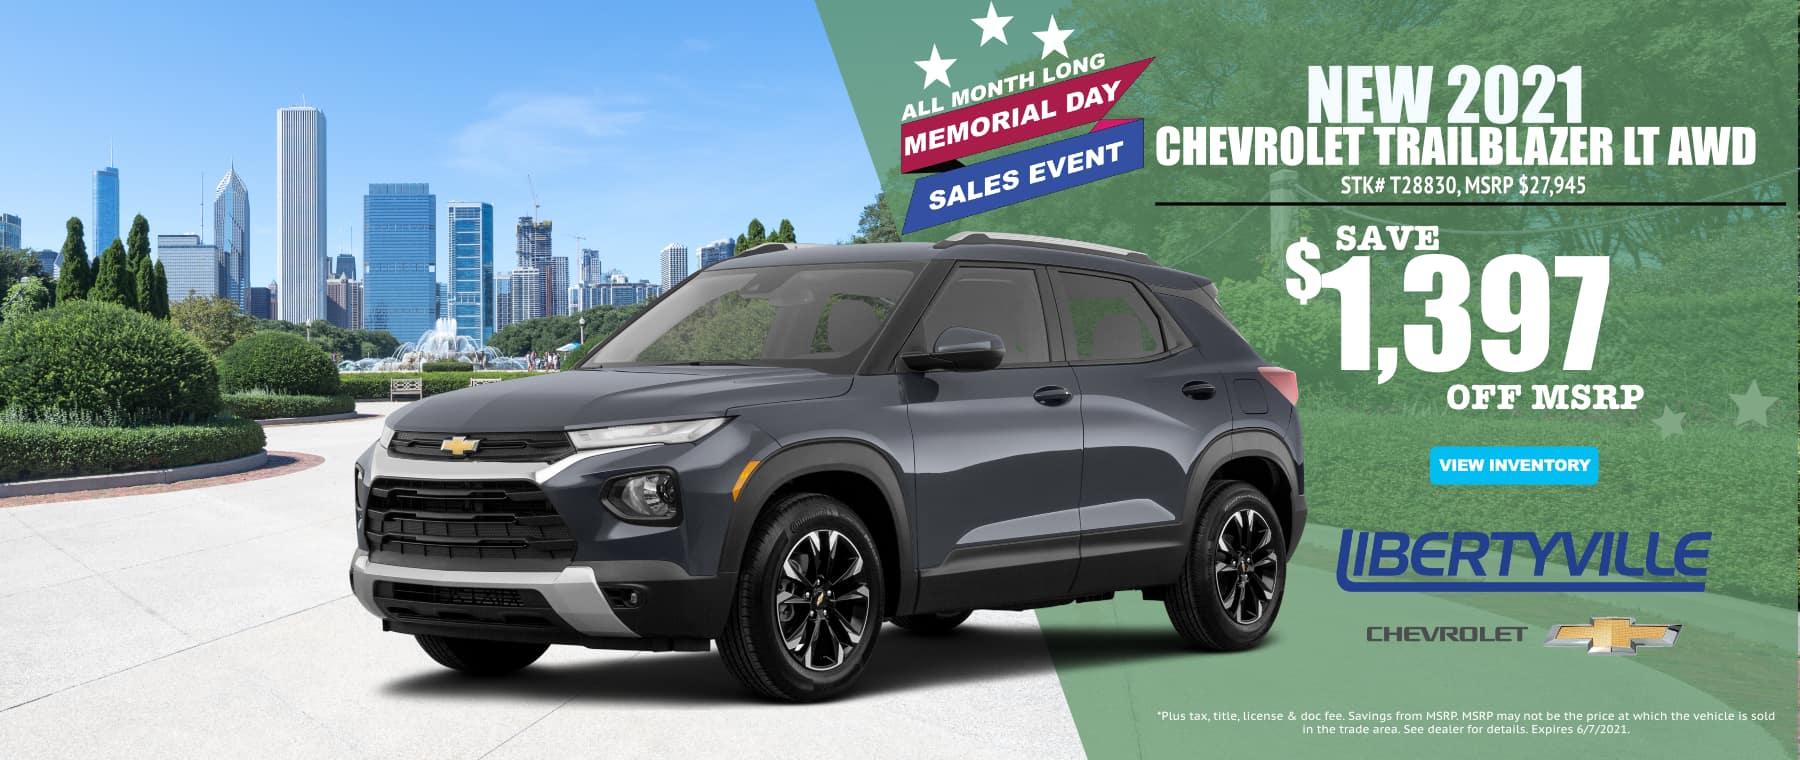 May_2021_Trailblazer_Chevrolet